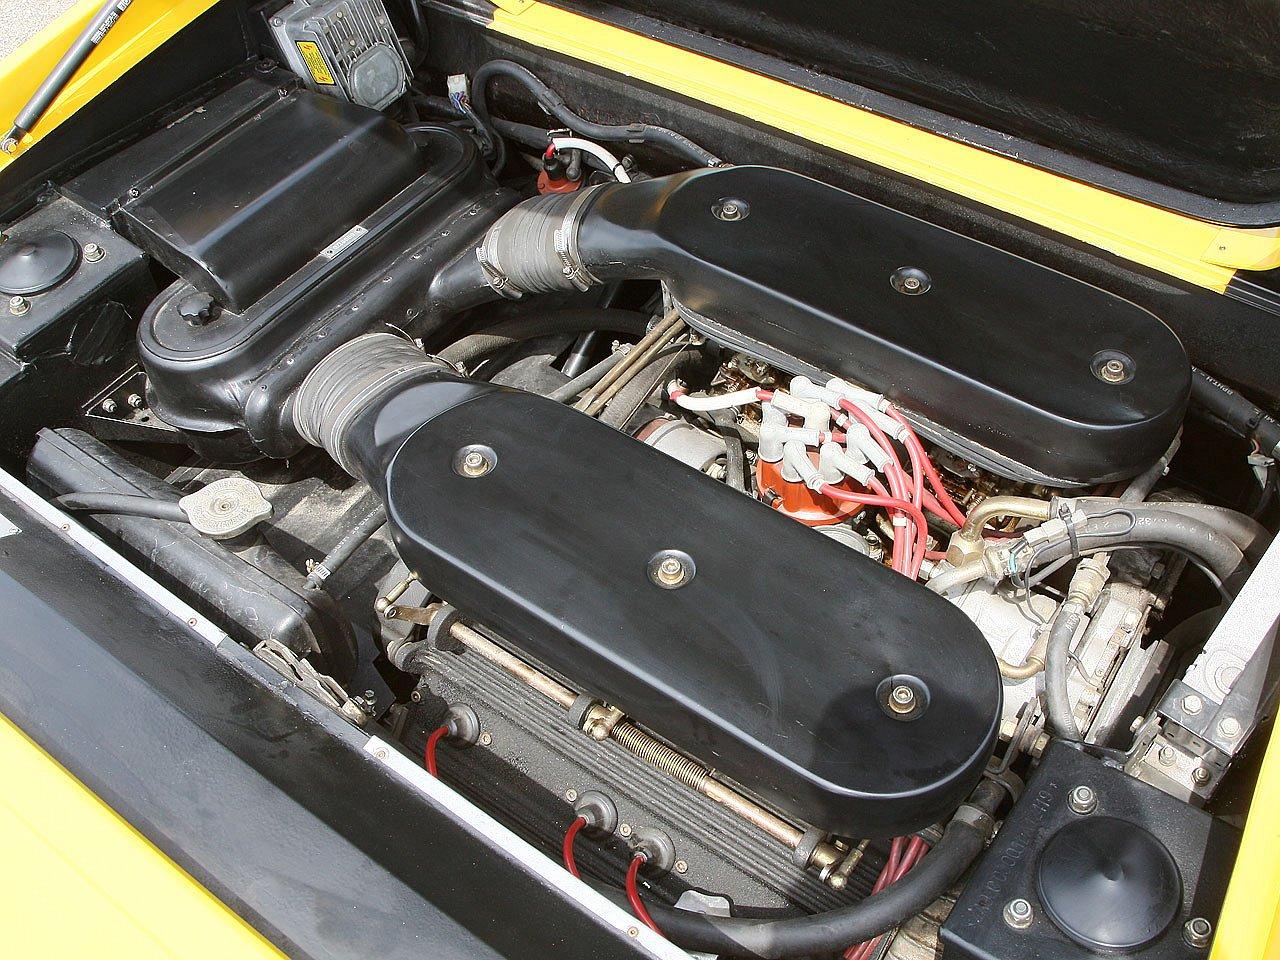 1986 lamborghini jalpa 3500 v8 engine